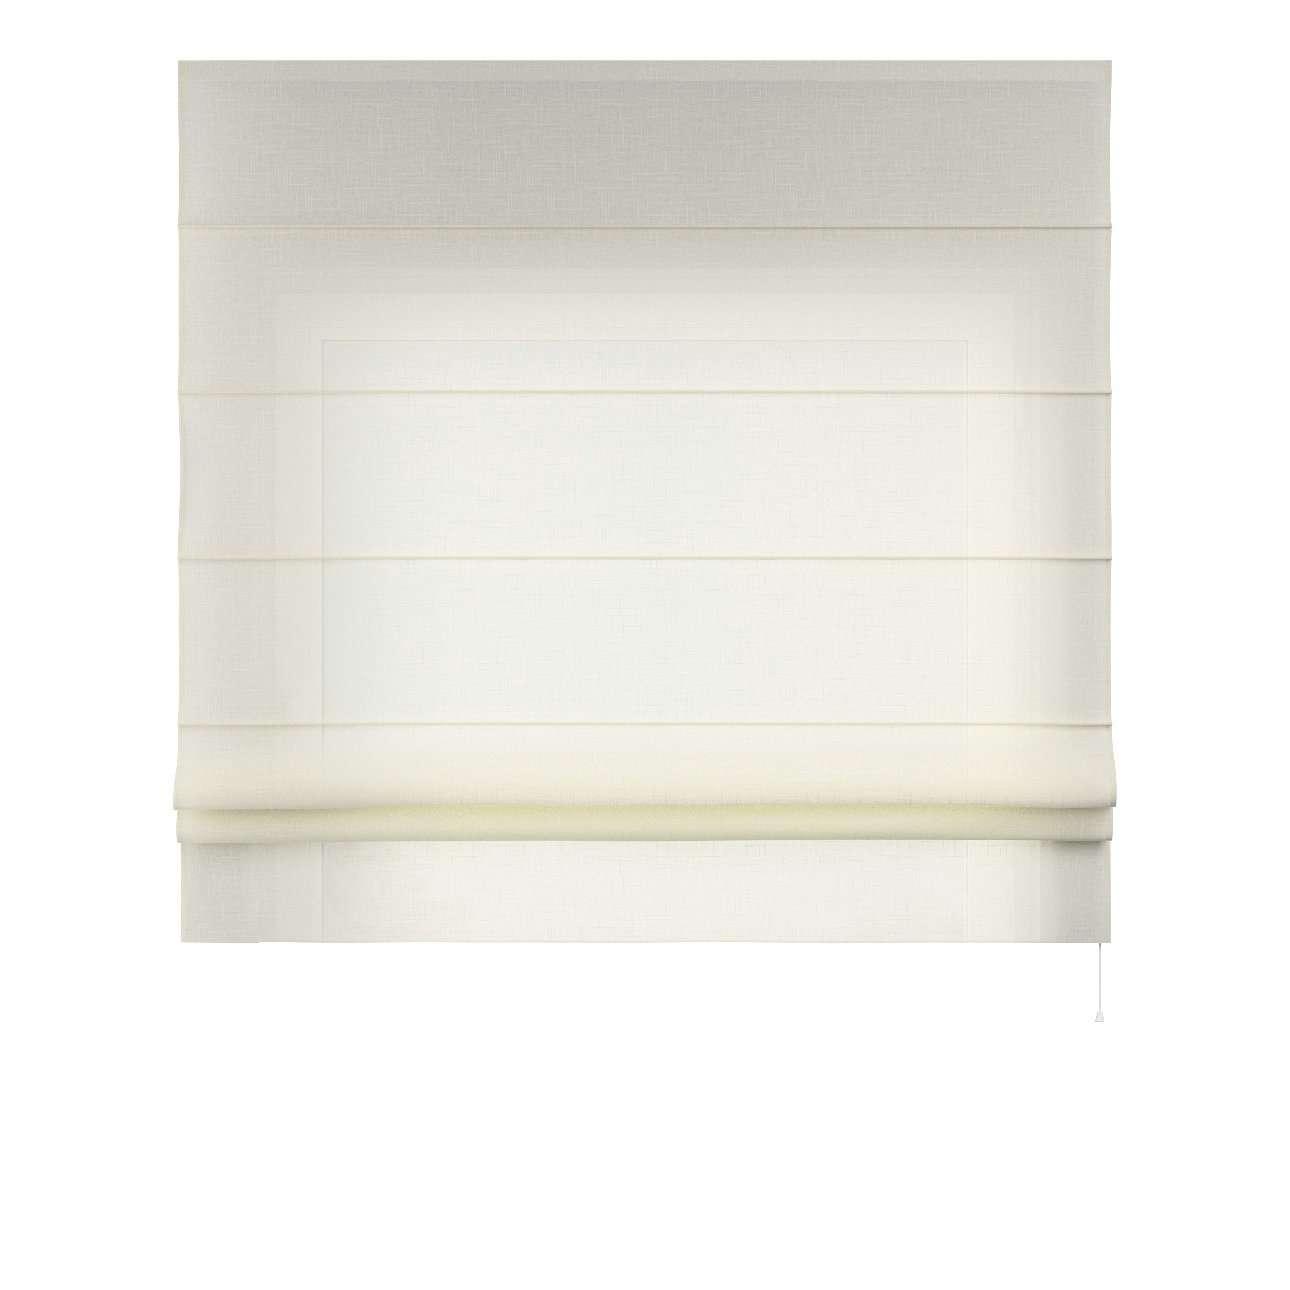 Romanetės Padva 80 x 170 cm (plotis x ilgis) kolekcijoje Romantica, audinys: 128-88